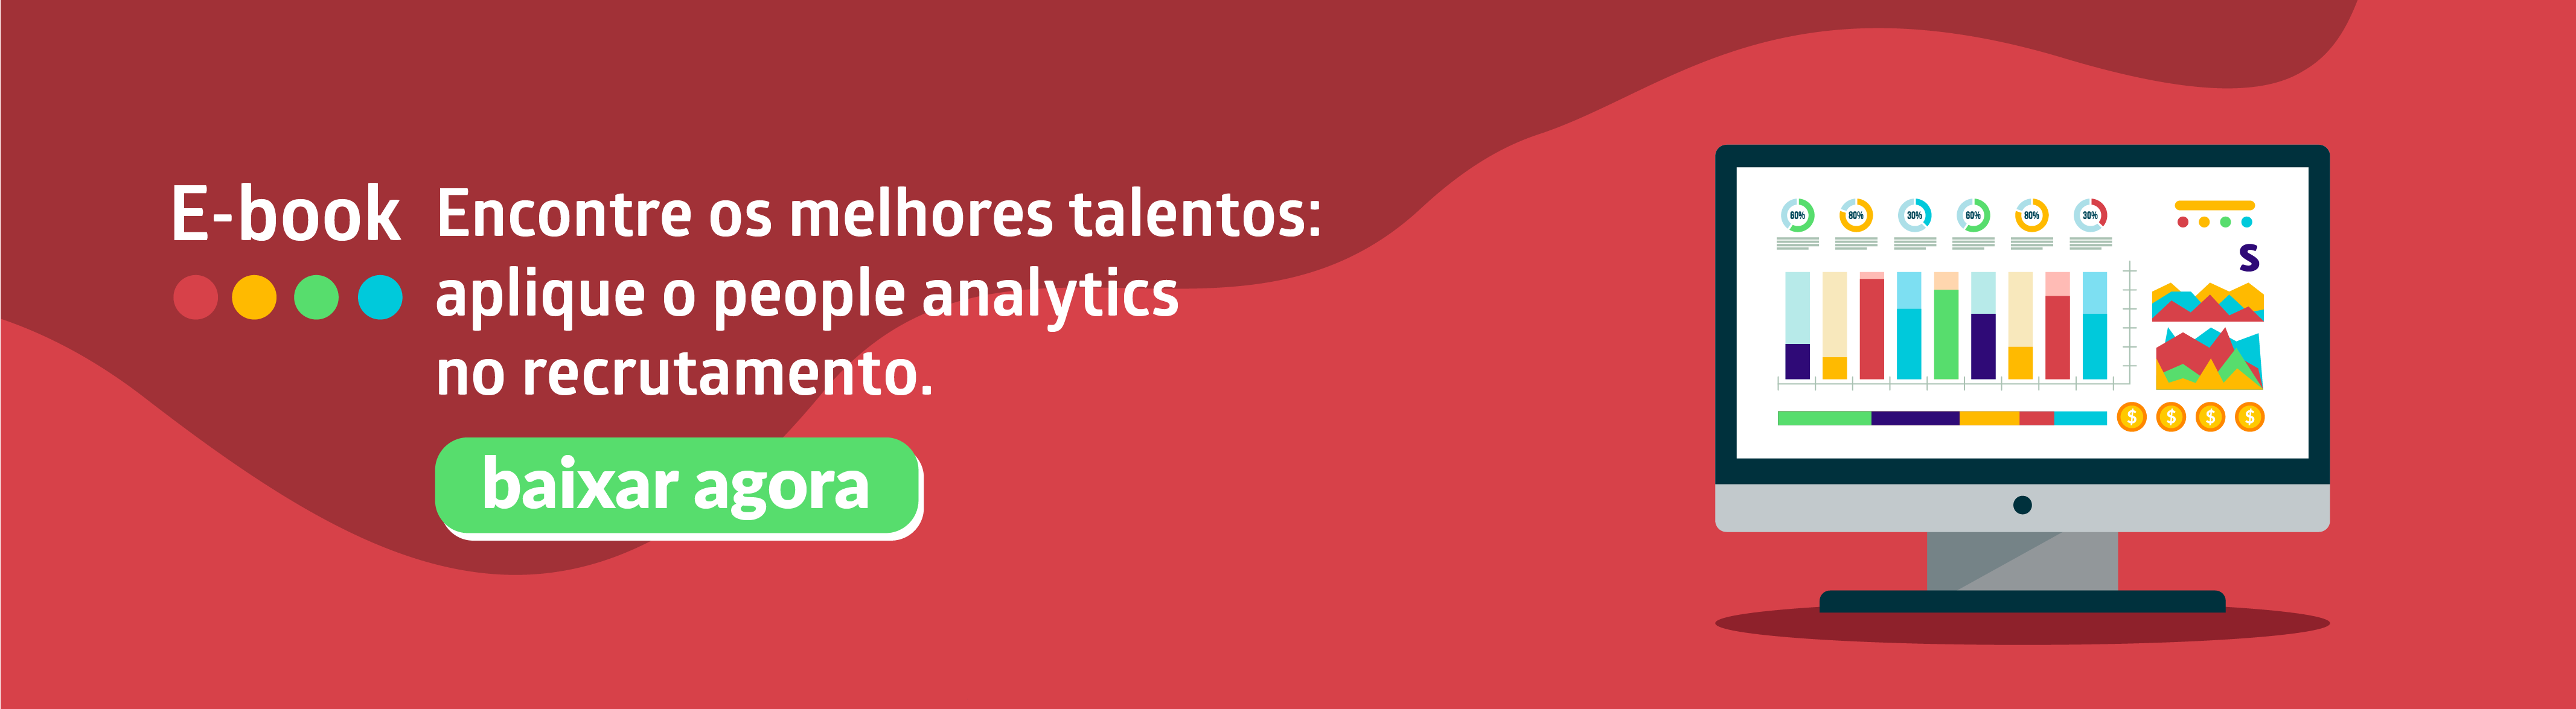 Banner_Encontre_os_melhores_talentos_com_People_Analytics